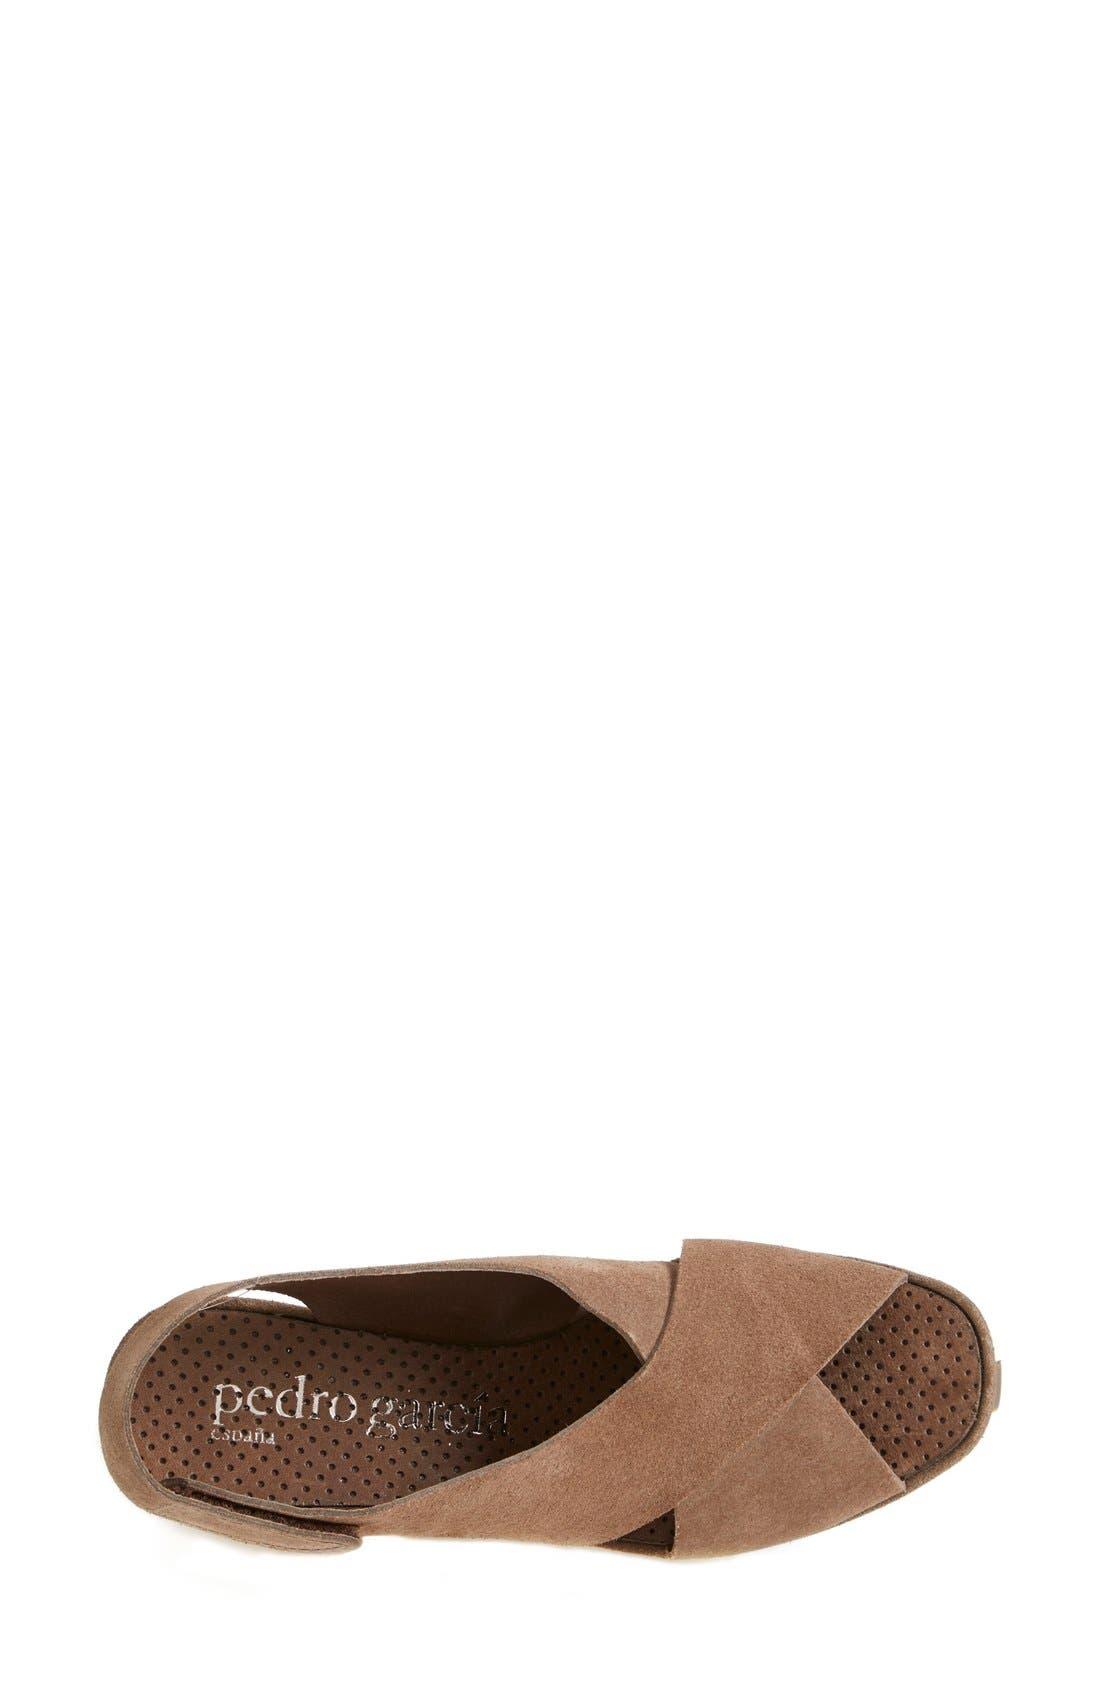 'Federica' Wedge Sandal,                             Alternate thumbnail 16, color,